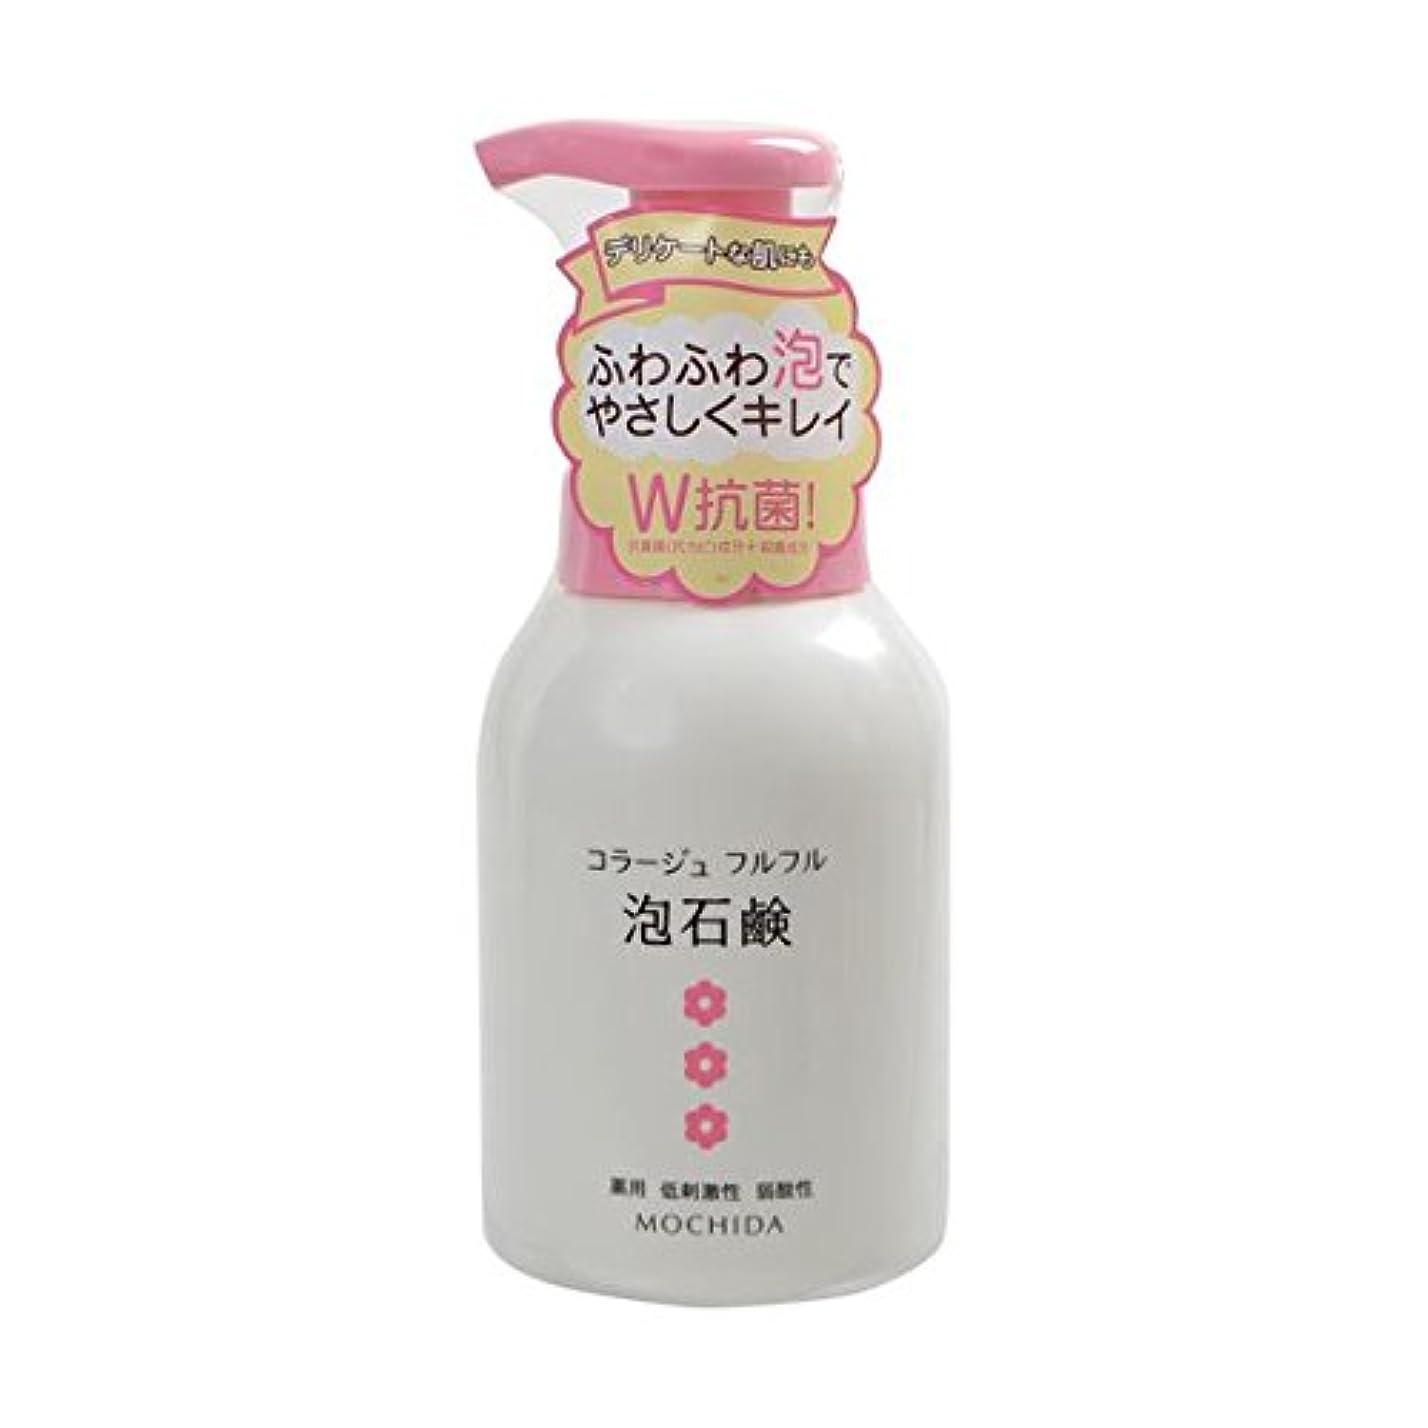 召喚する極貧確保する【まとめ買い】コラージュフルフル 泡石鹸 ピンク 300mL×3個セット(医薬部外品)